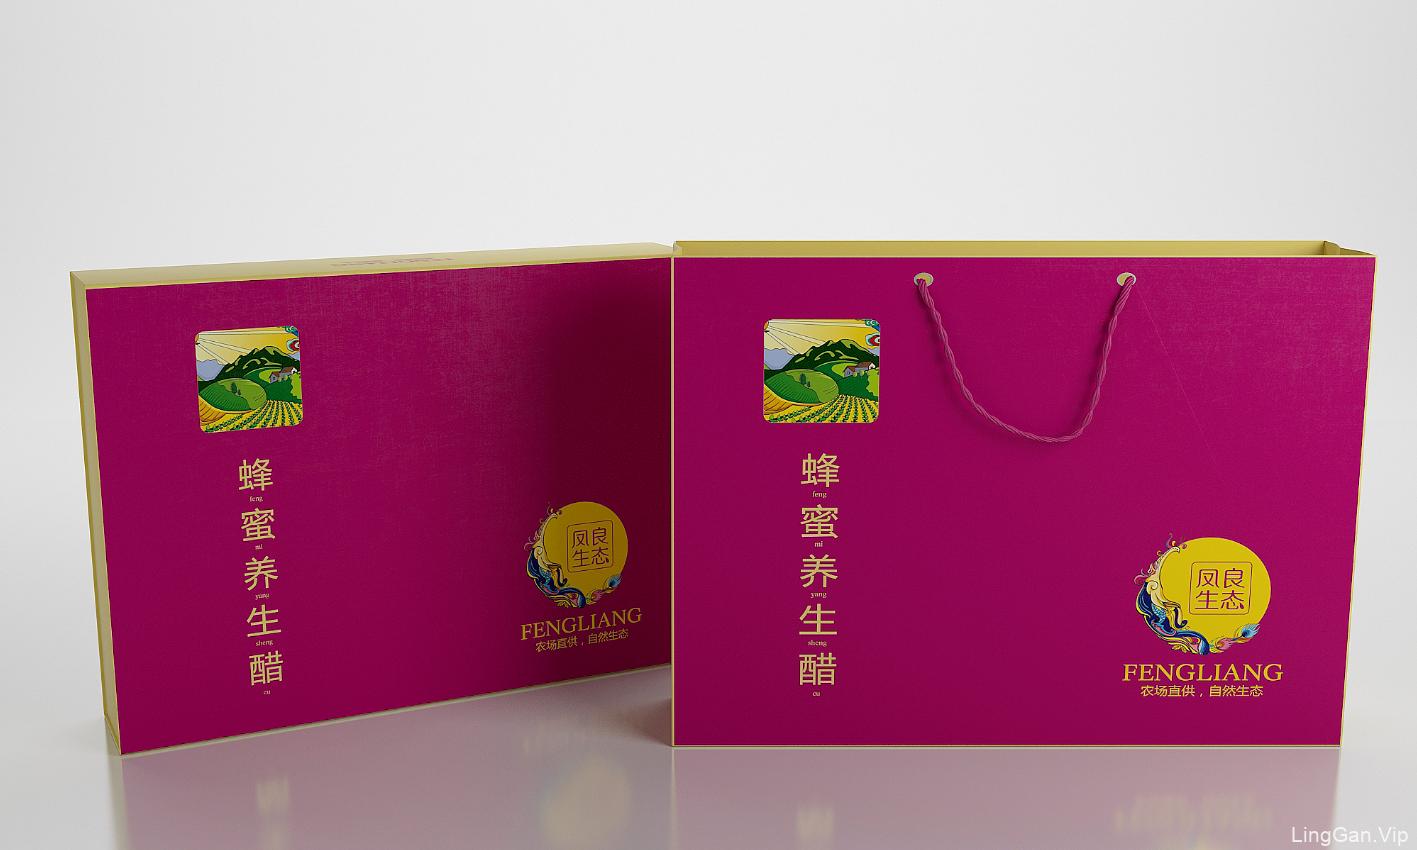 凤良生态醋—徐桂亮品牌设计